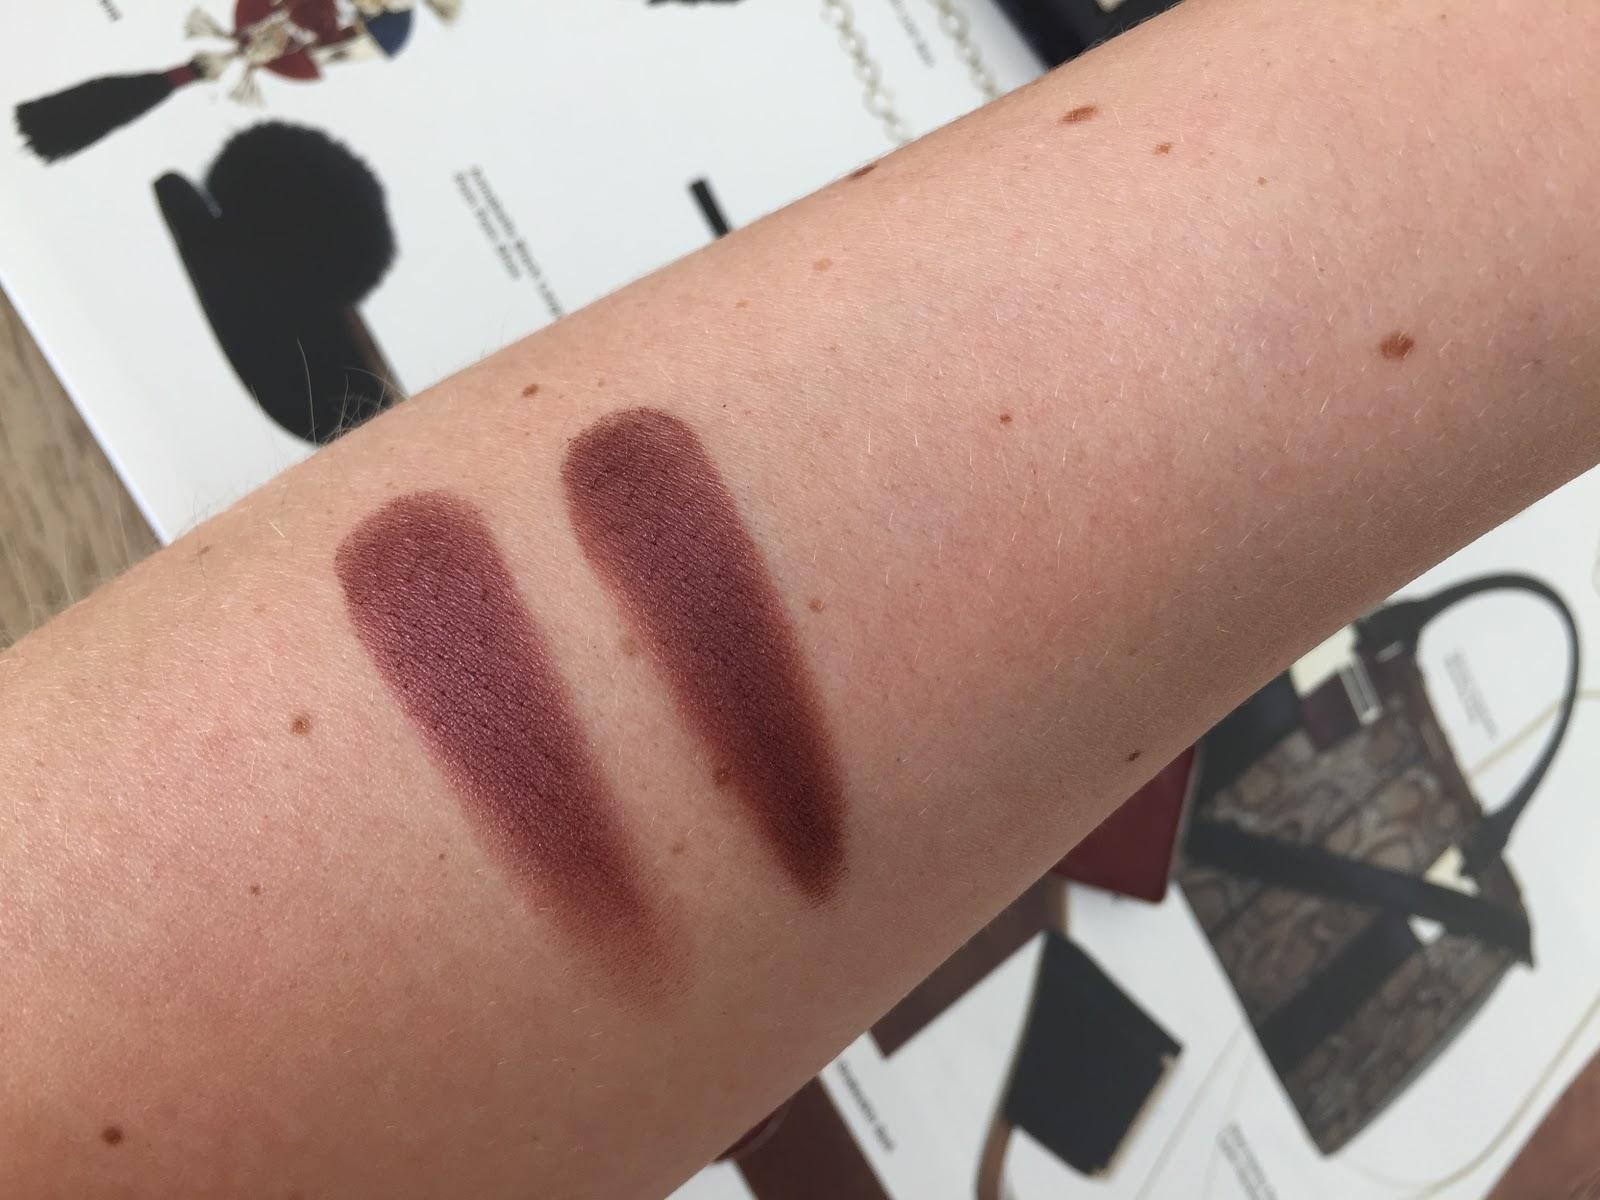 Pressed Eyeshadow Pan by Makeup Geek #17